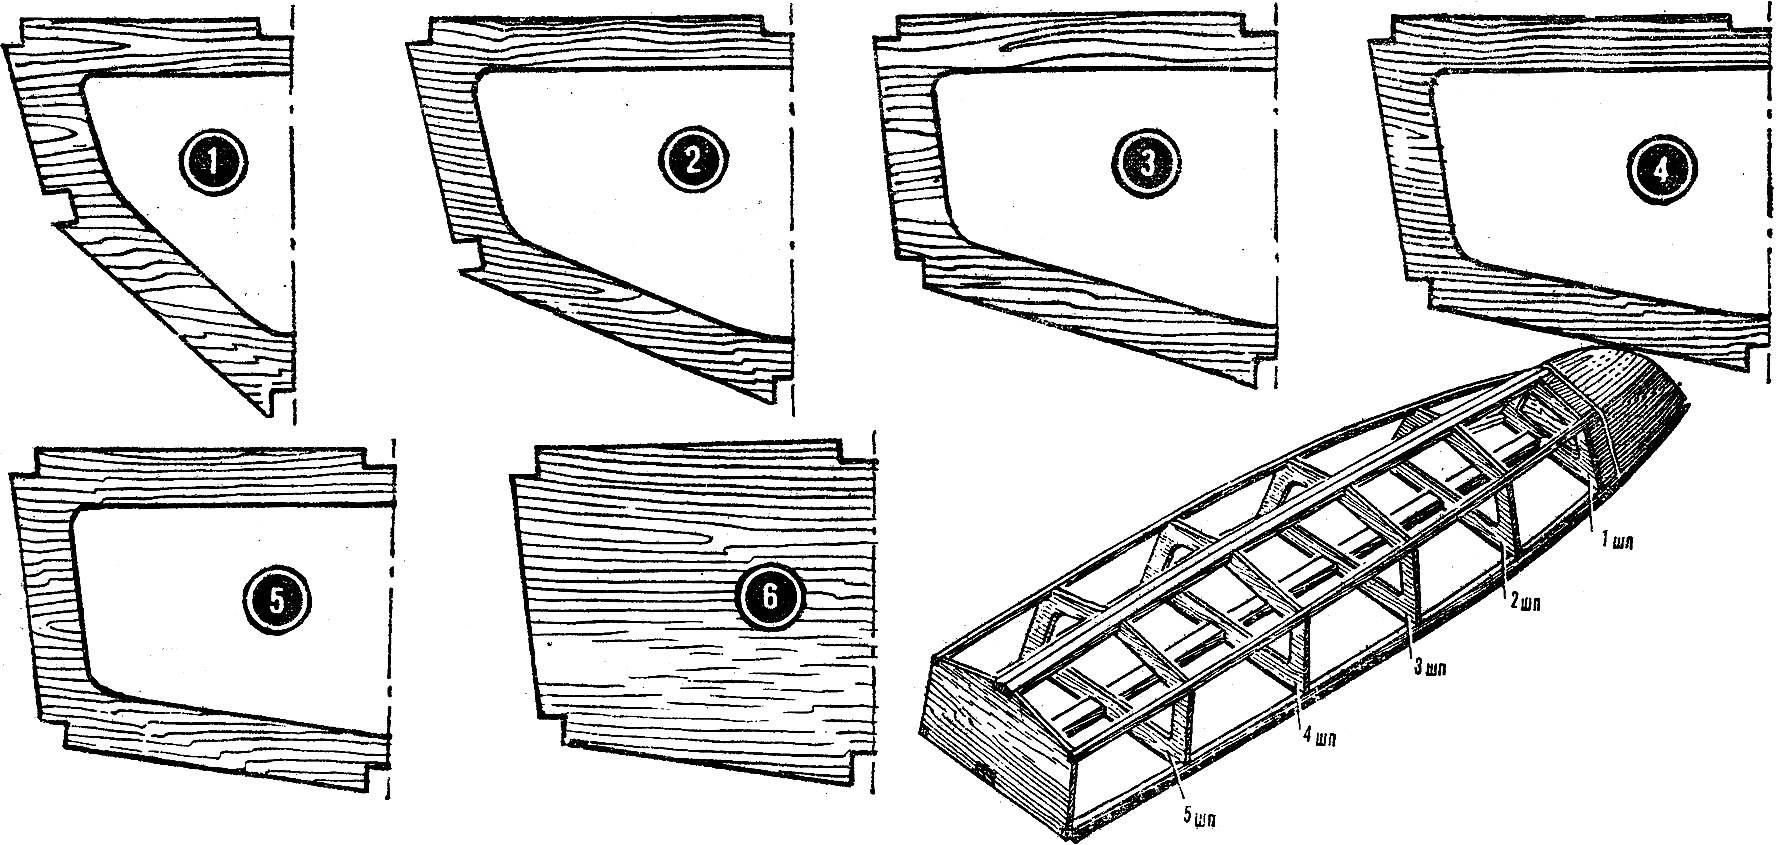 Рис. 2. Технология изготовления набора корпуса.